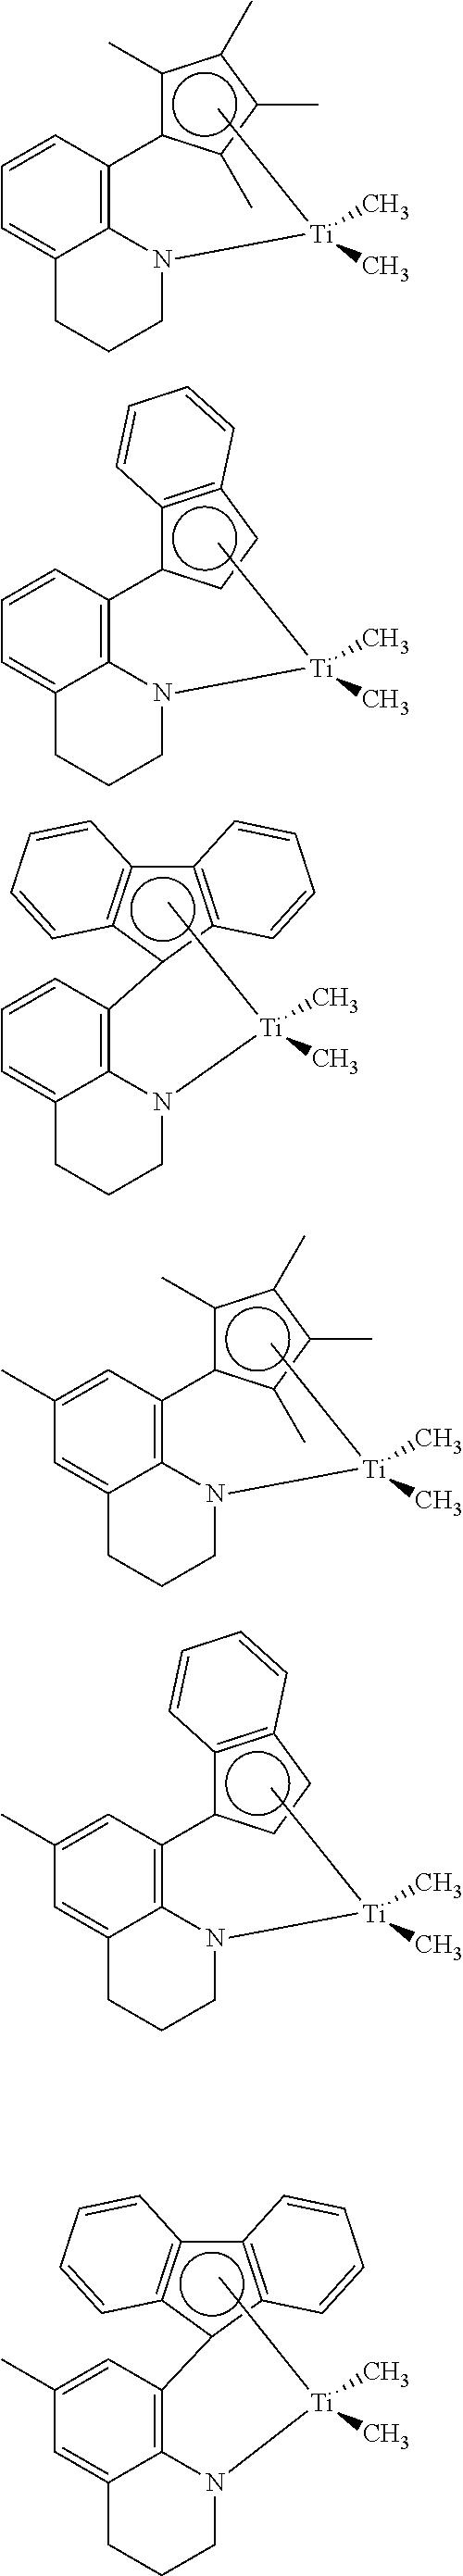 Figure US09120836-20150901-C00031